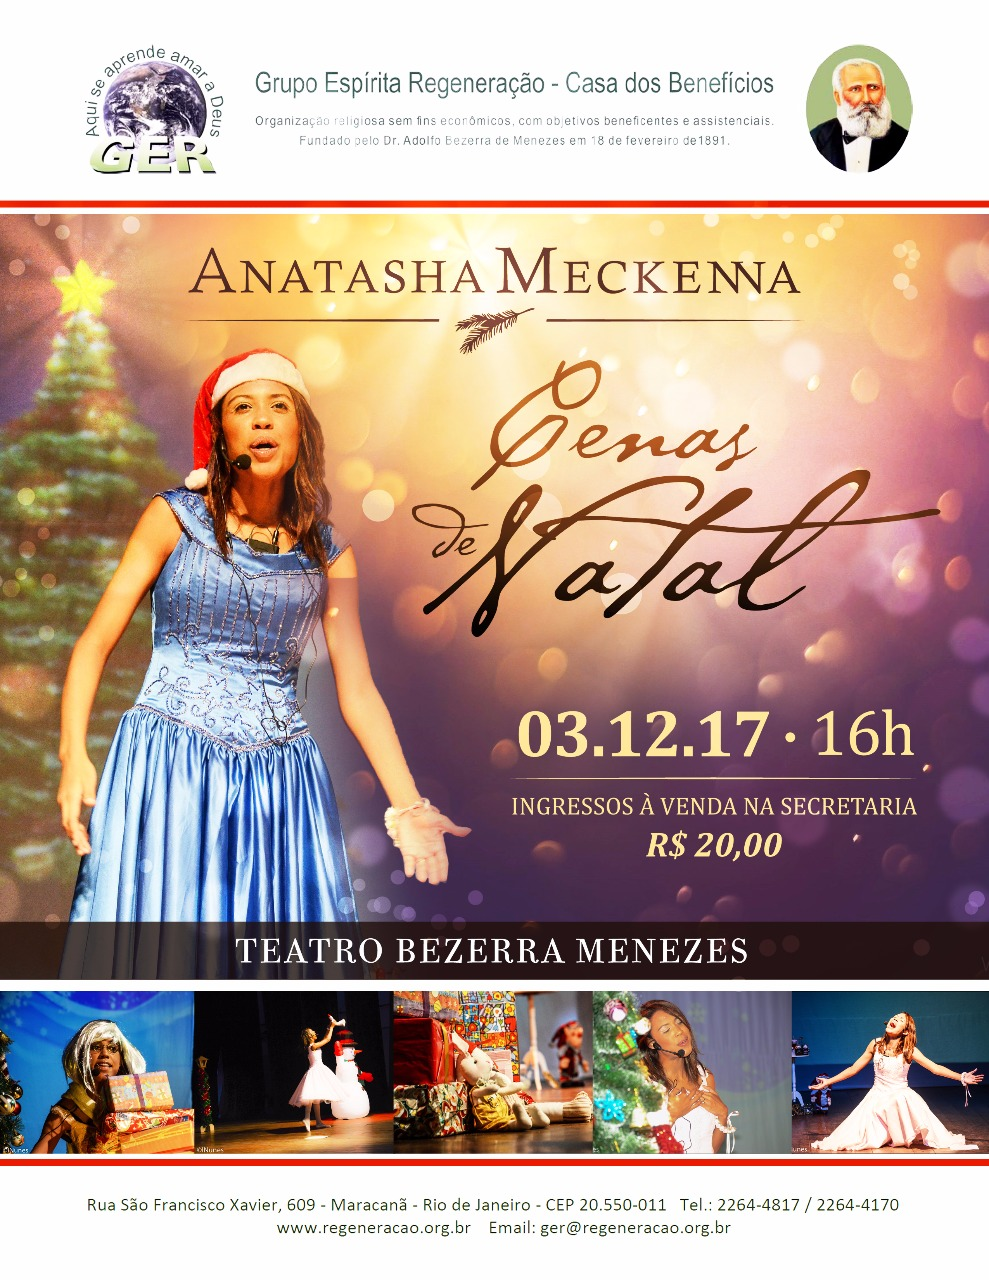 Anatasha Meckenna – 03/12